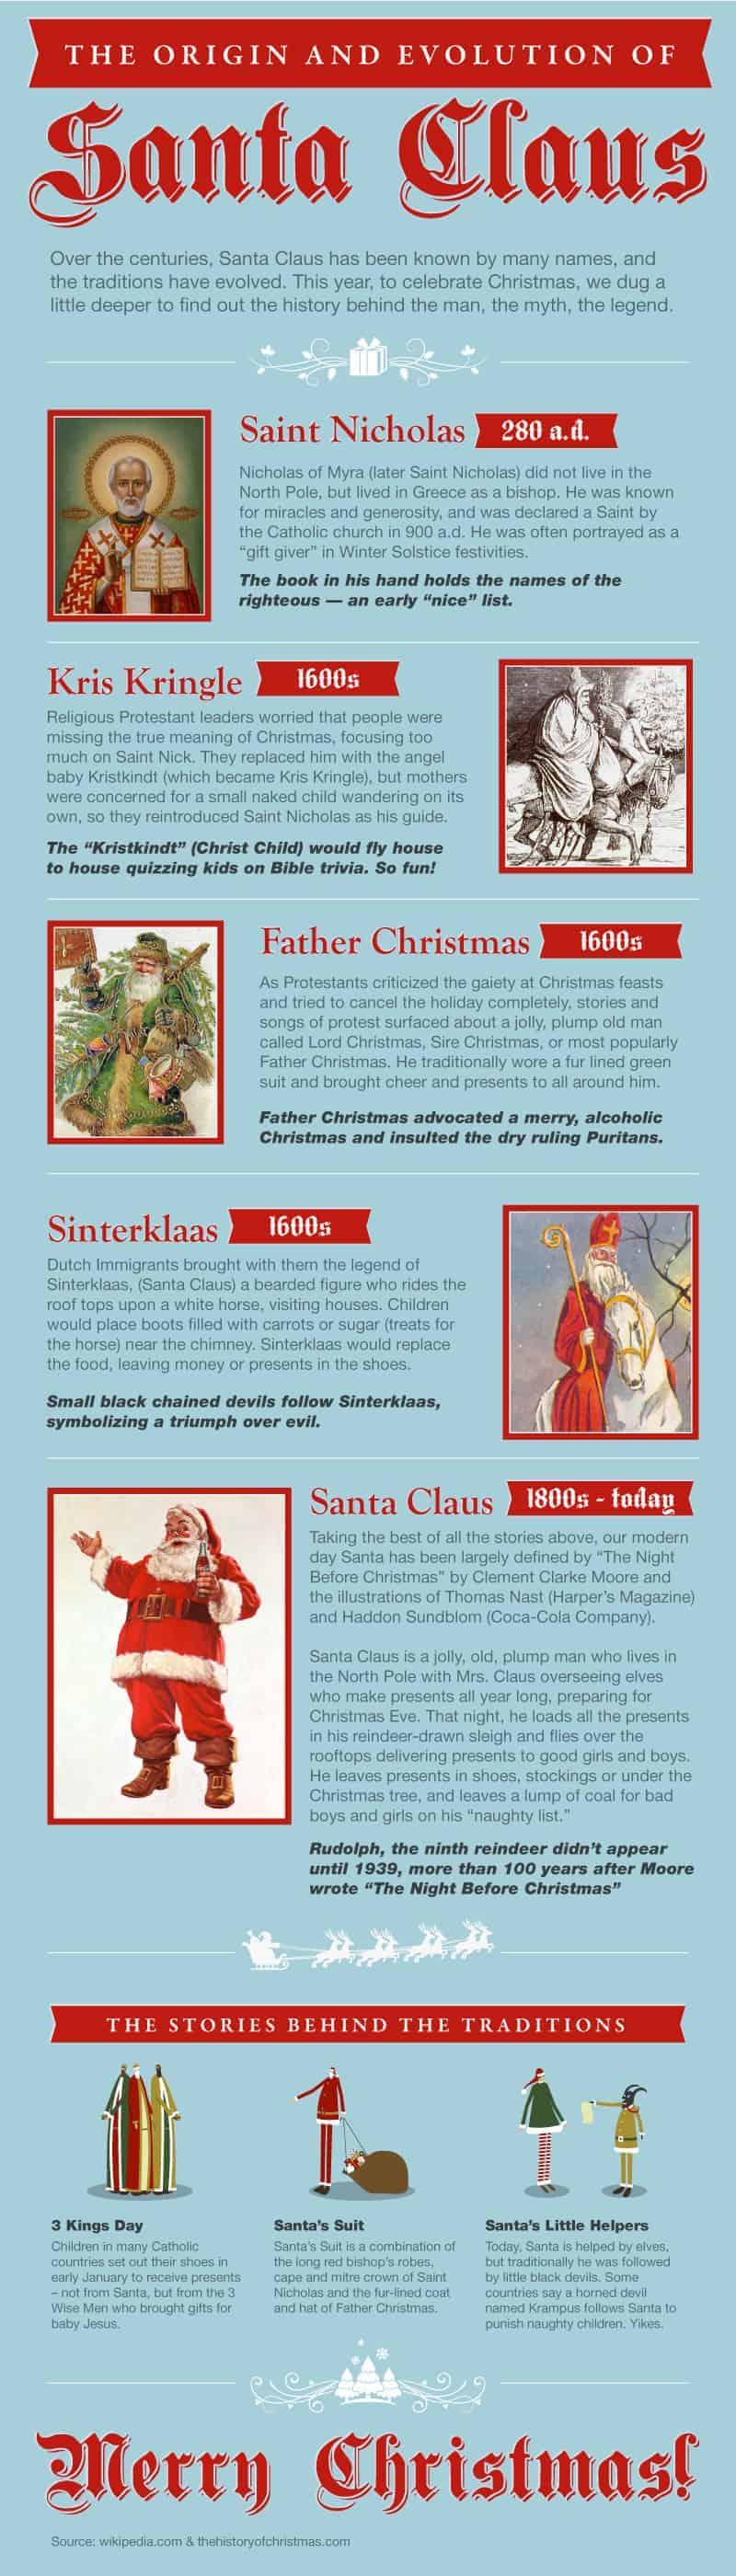 the_origin_of_santa